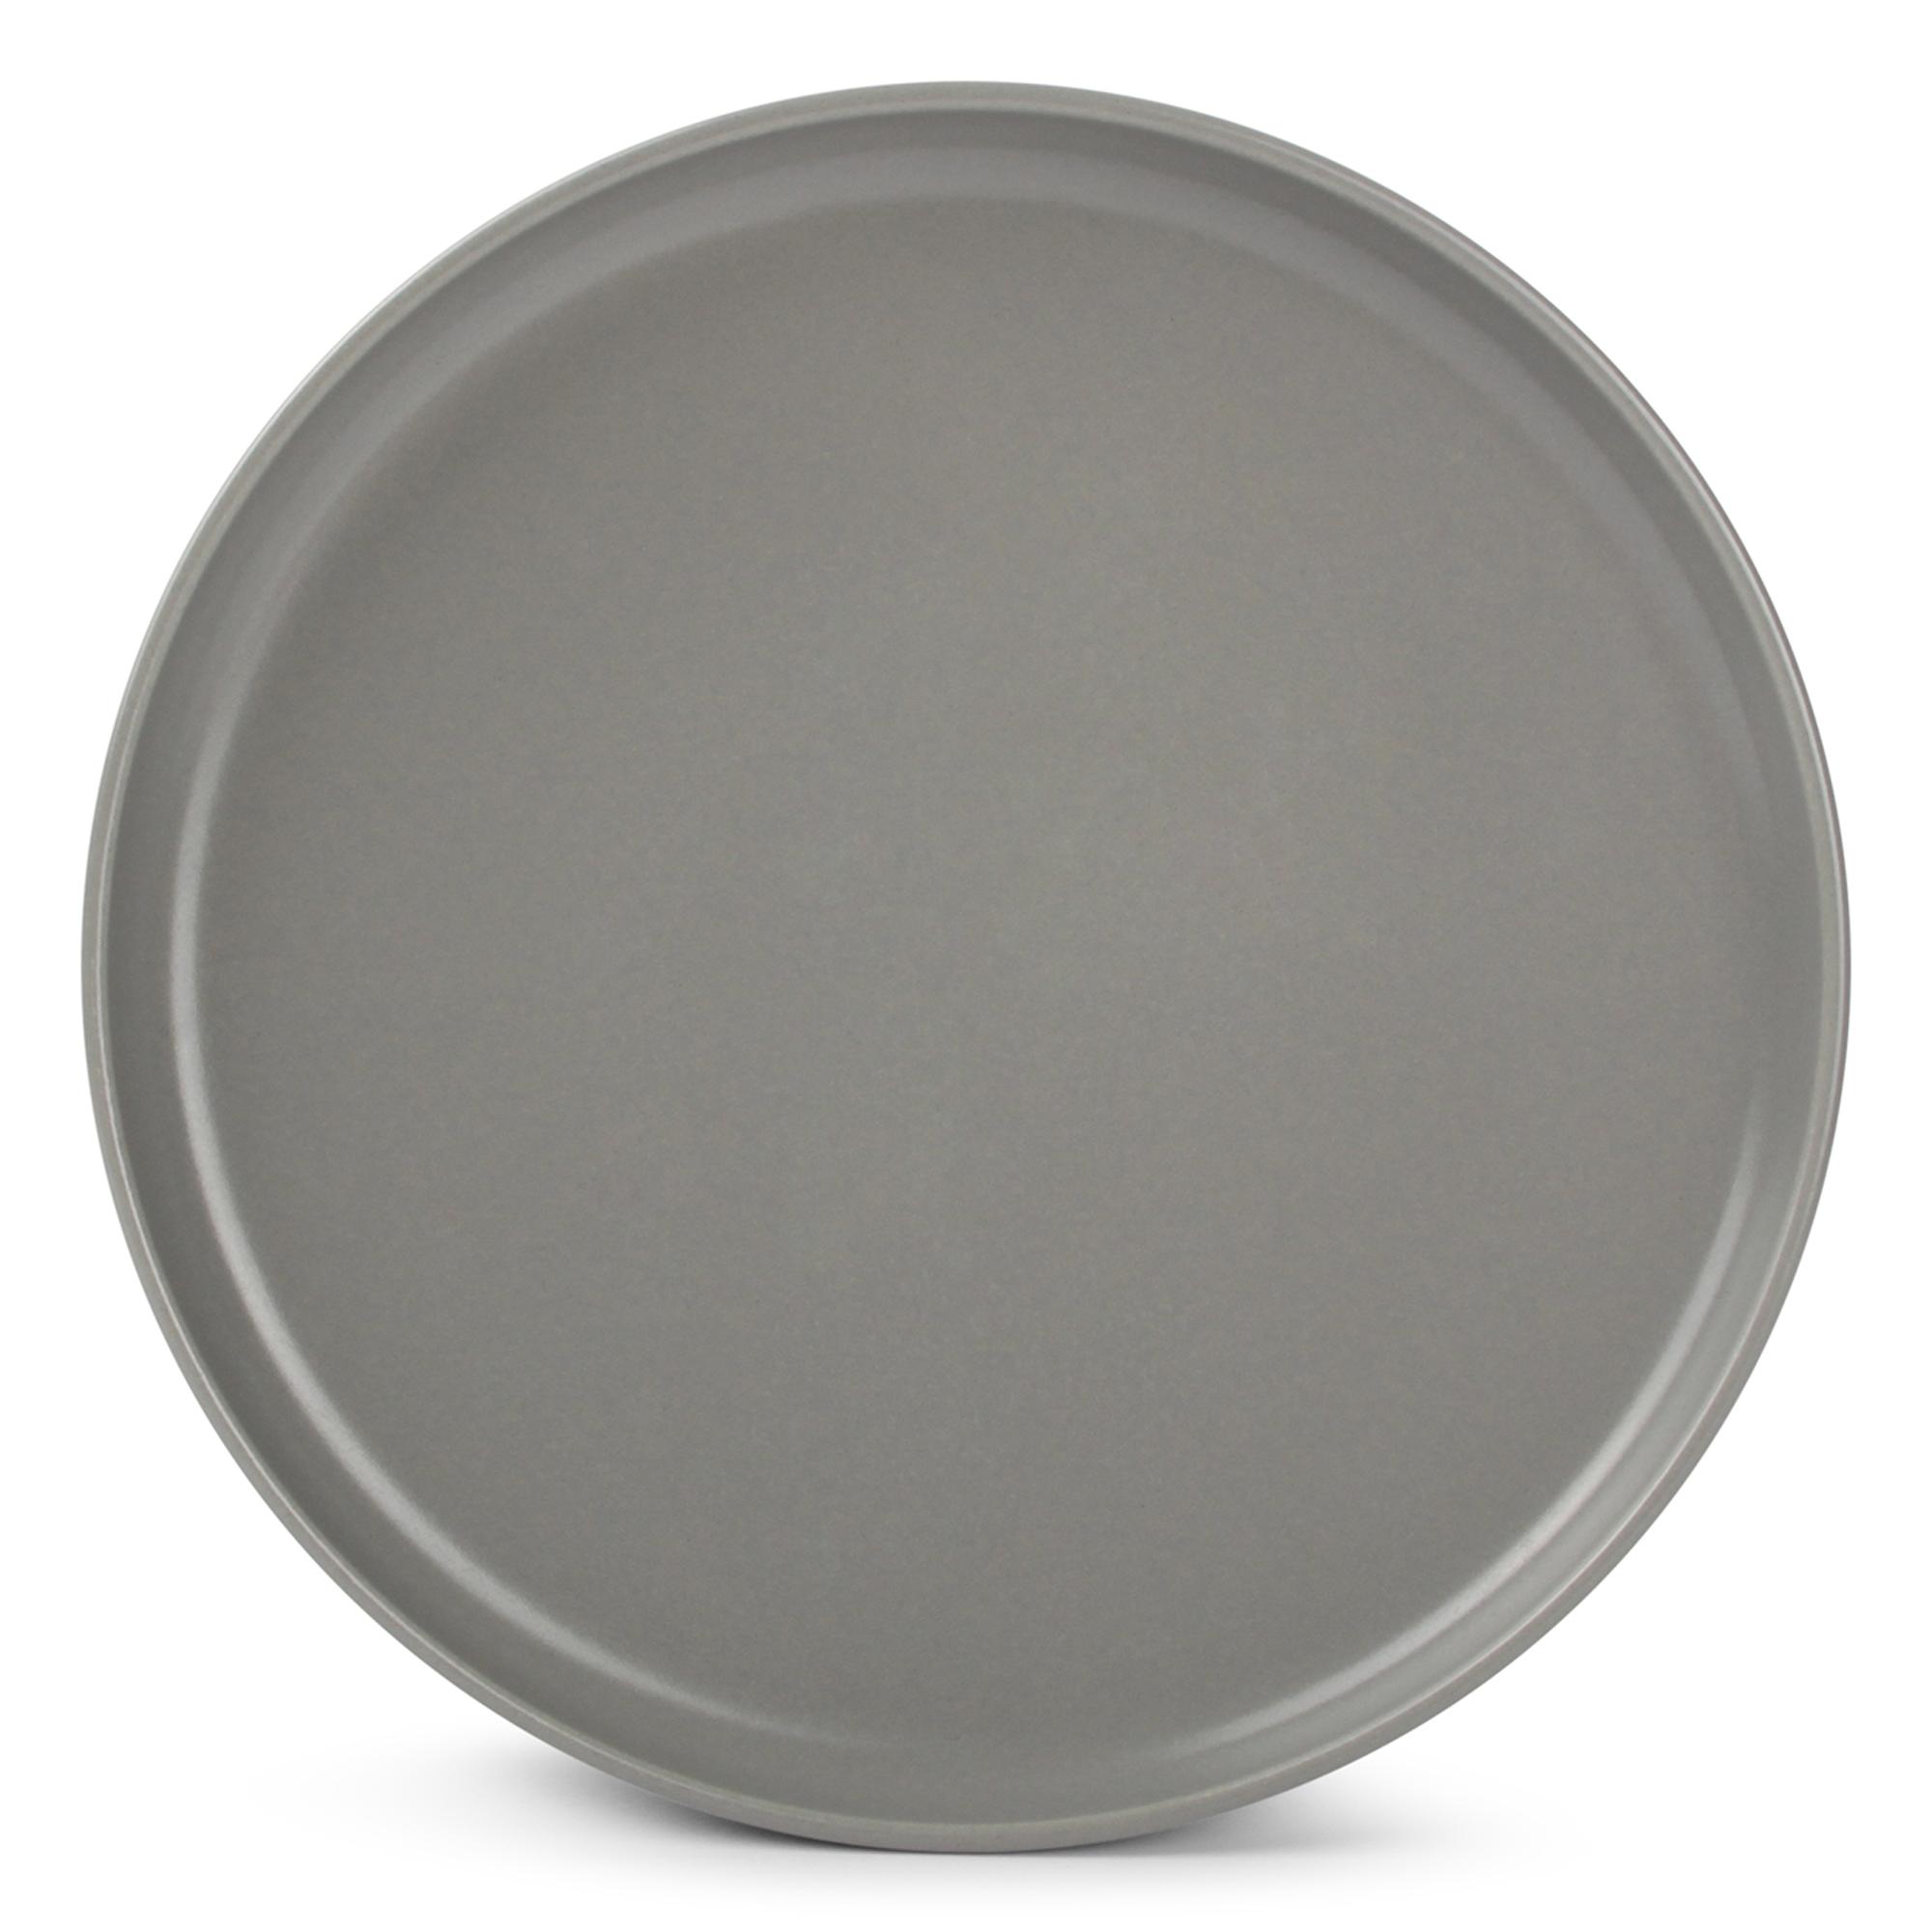 Lot de 6 - Assiette plate gris Ø 20cm